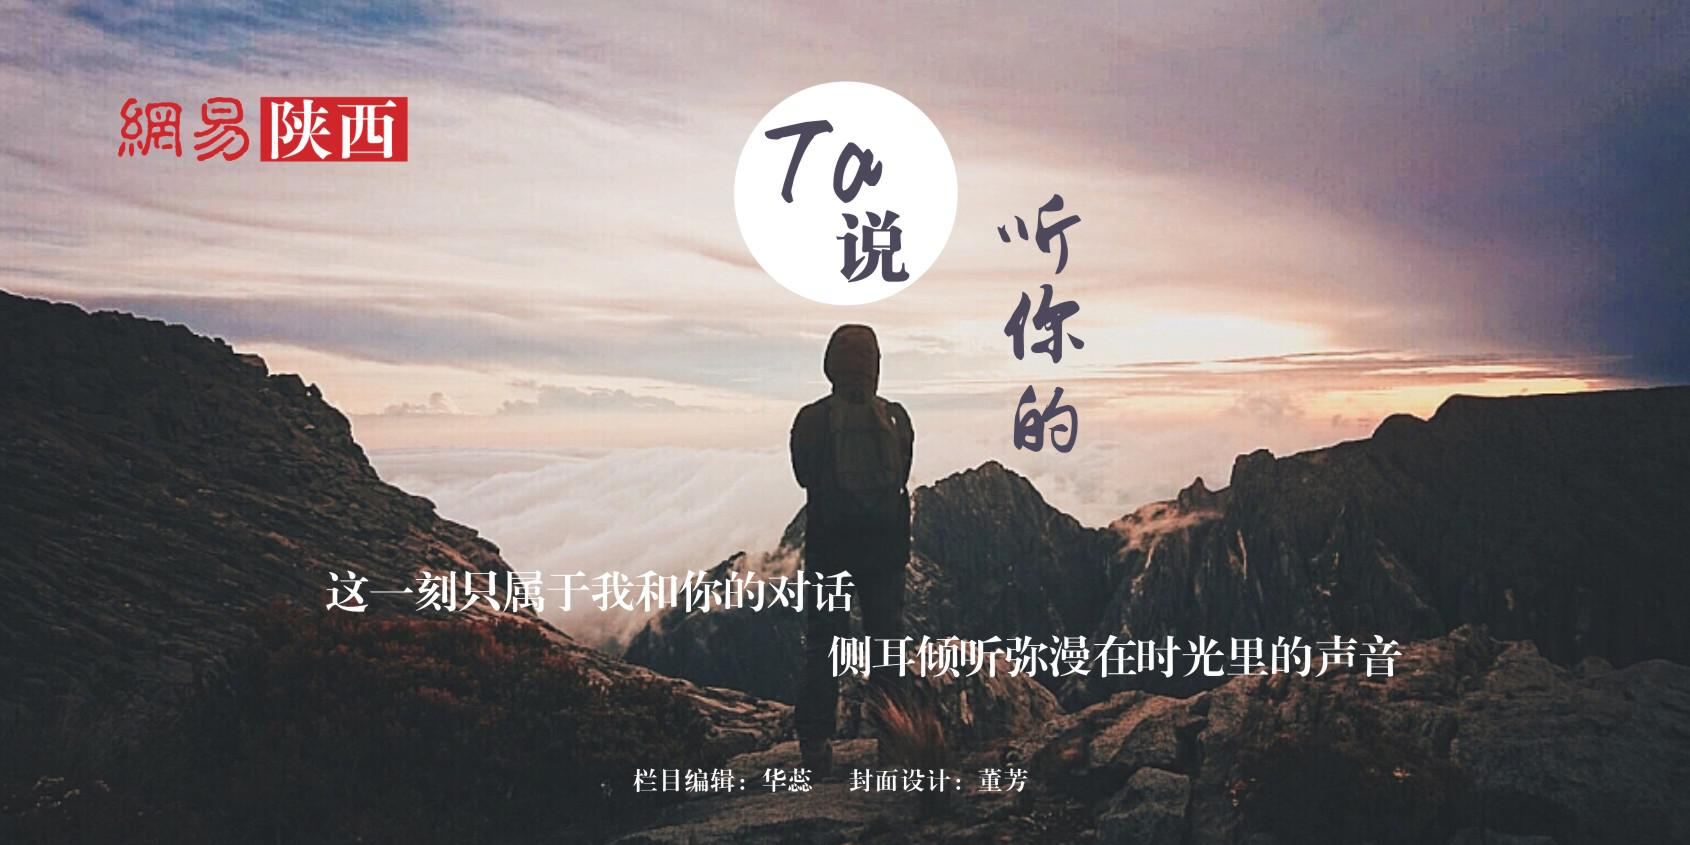 网易陕西《Ta说》栏目  倾听你背后的故事